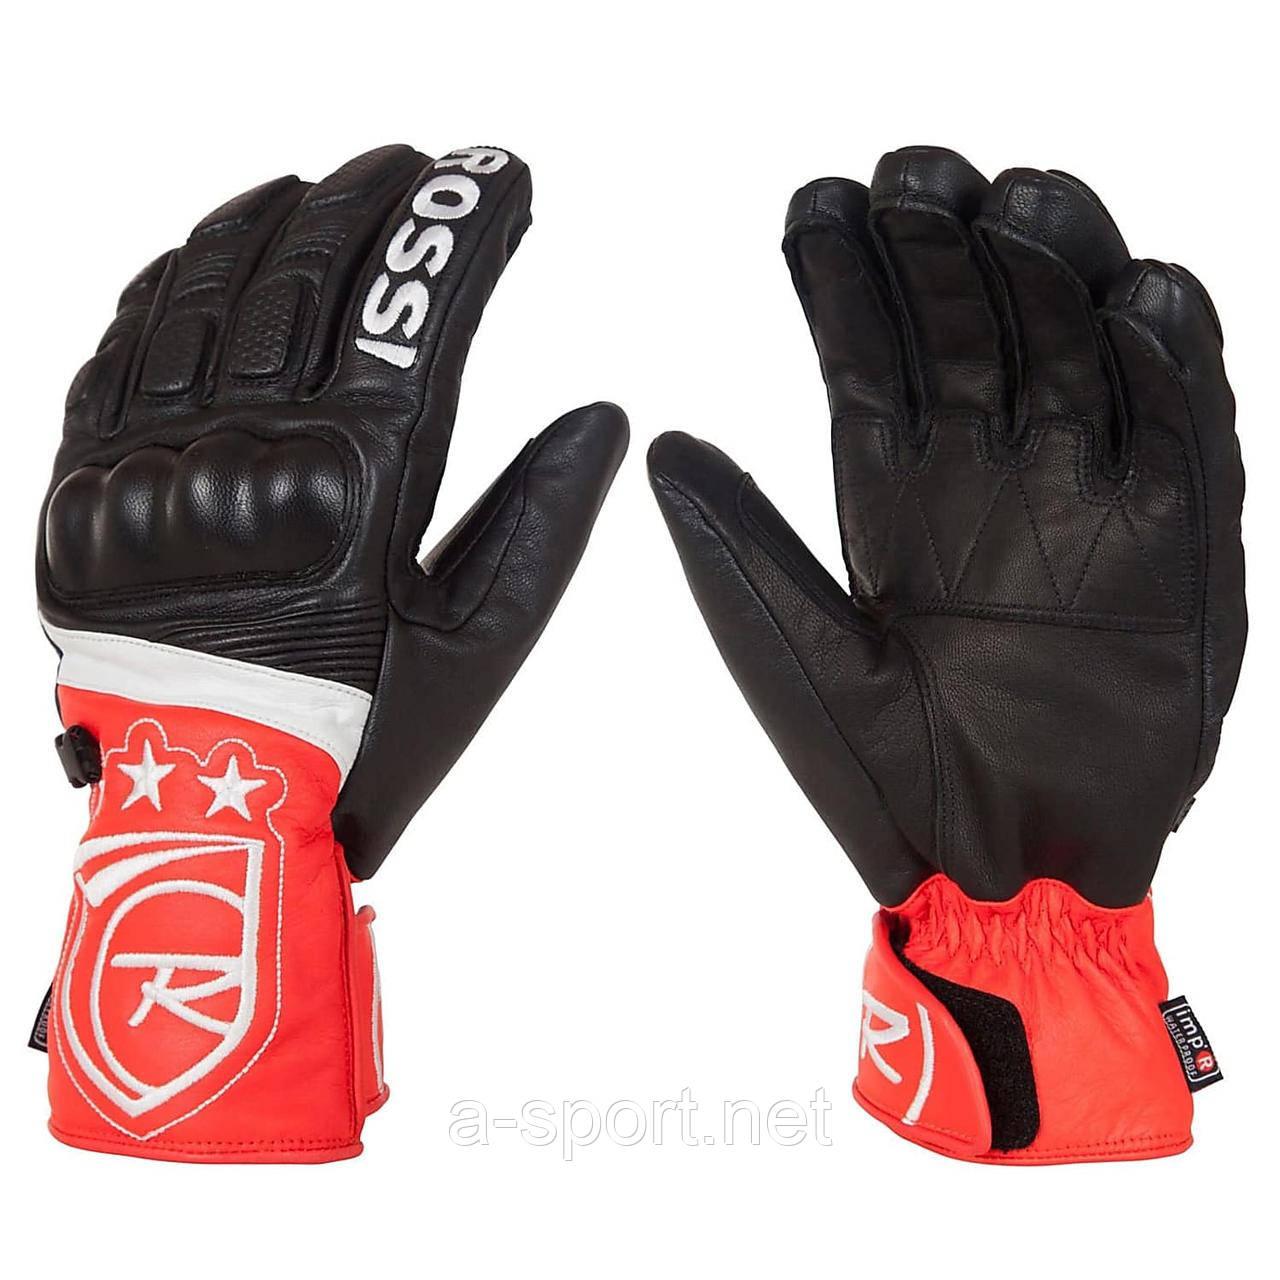 Гірськолижні рукавиці Rossignol WC Hero L Black-Red